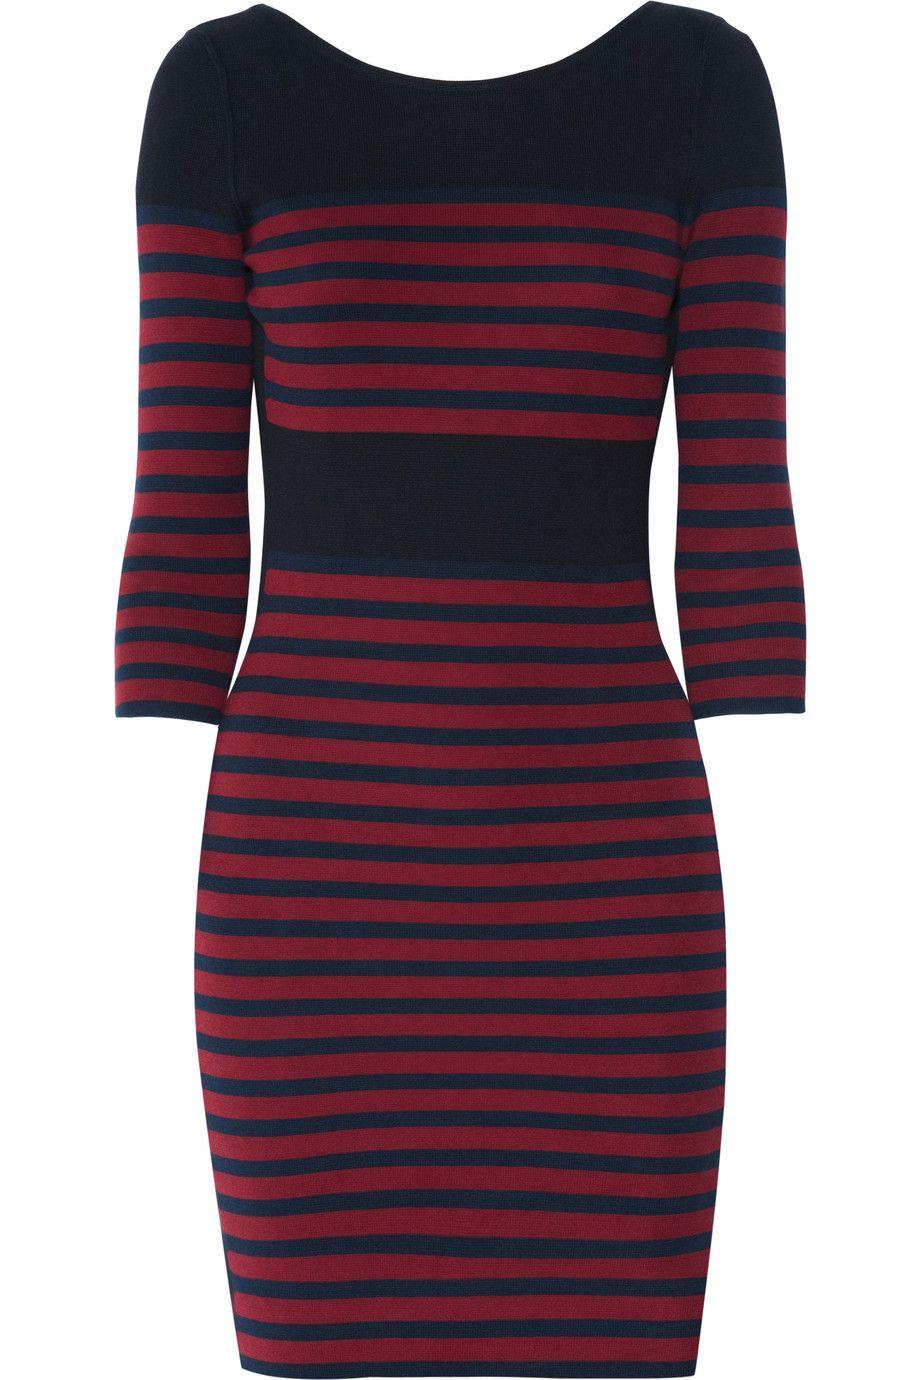 Striped dress. Sonia by Sonia Rykiel